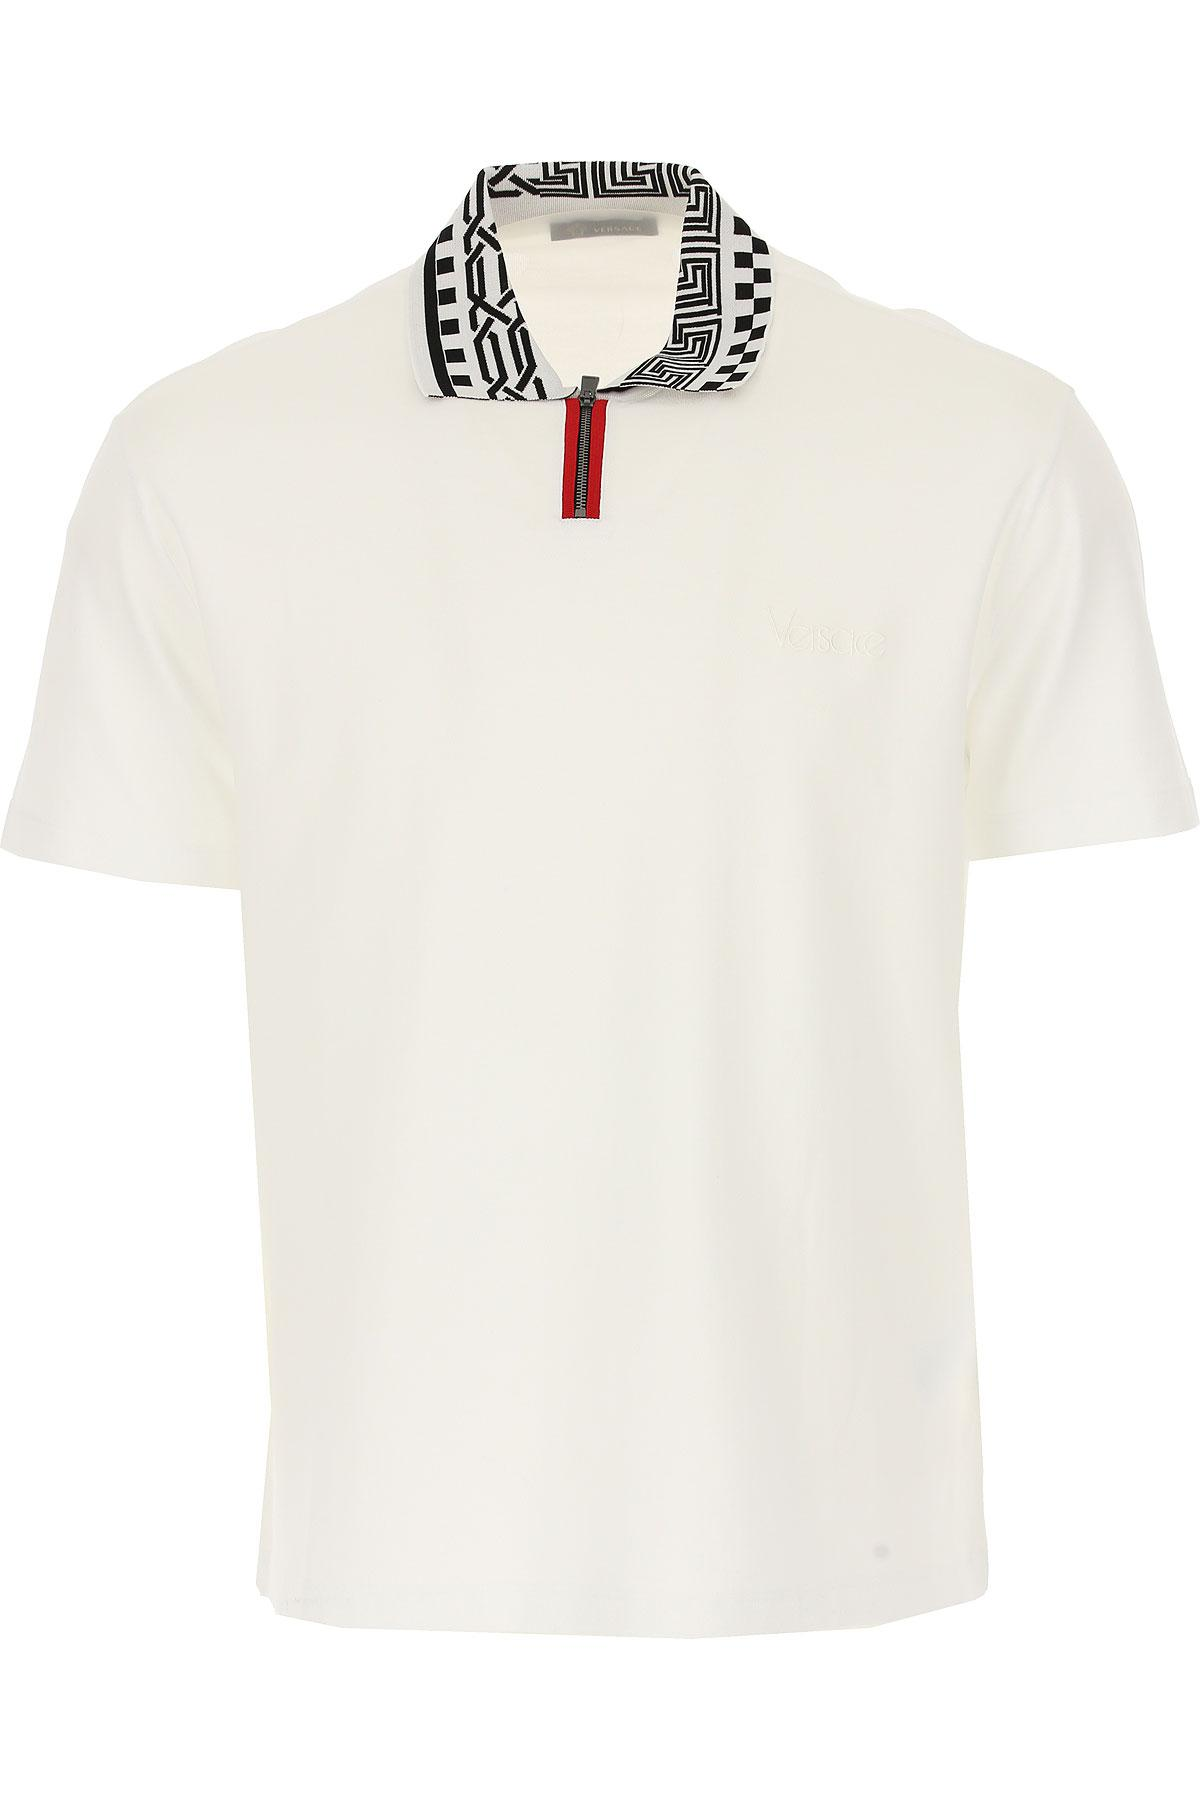 Lyst - Polo Homme Pas cher en Soldes Versace pour homme en coloris Blanc ae3f66dea2f